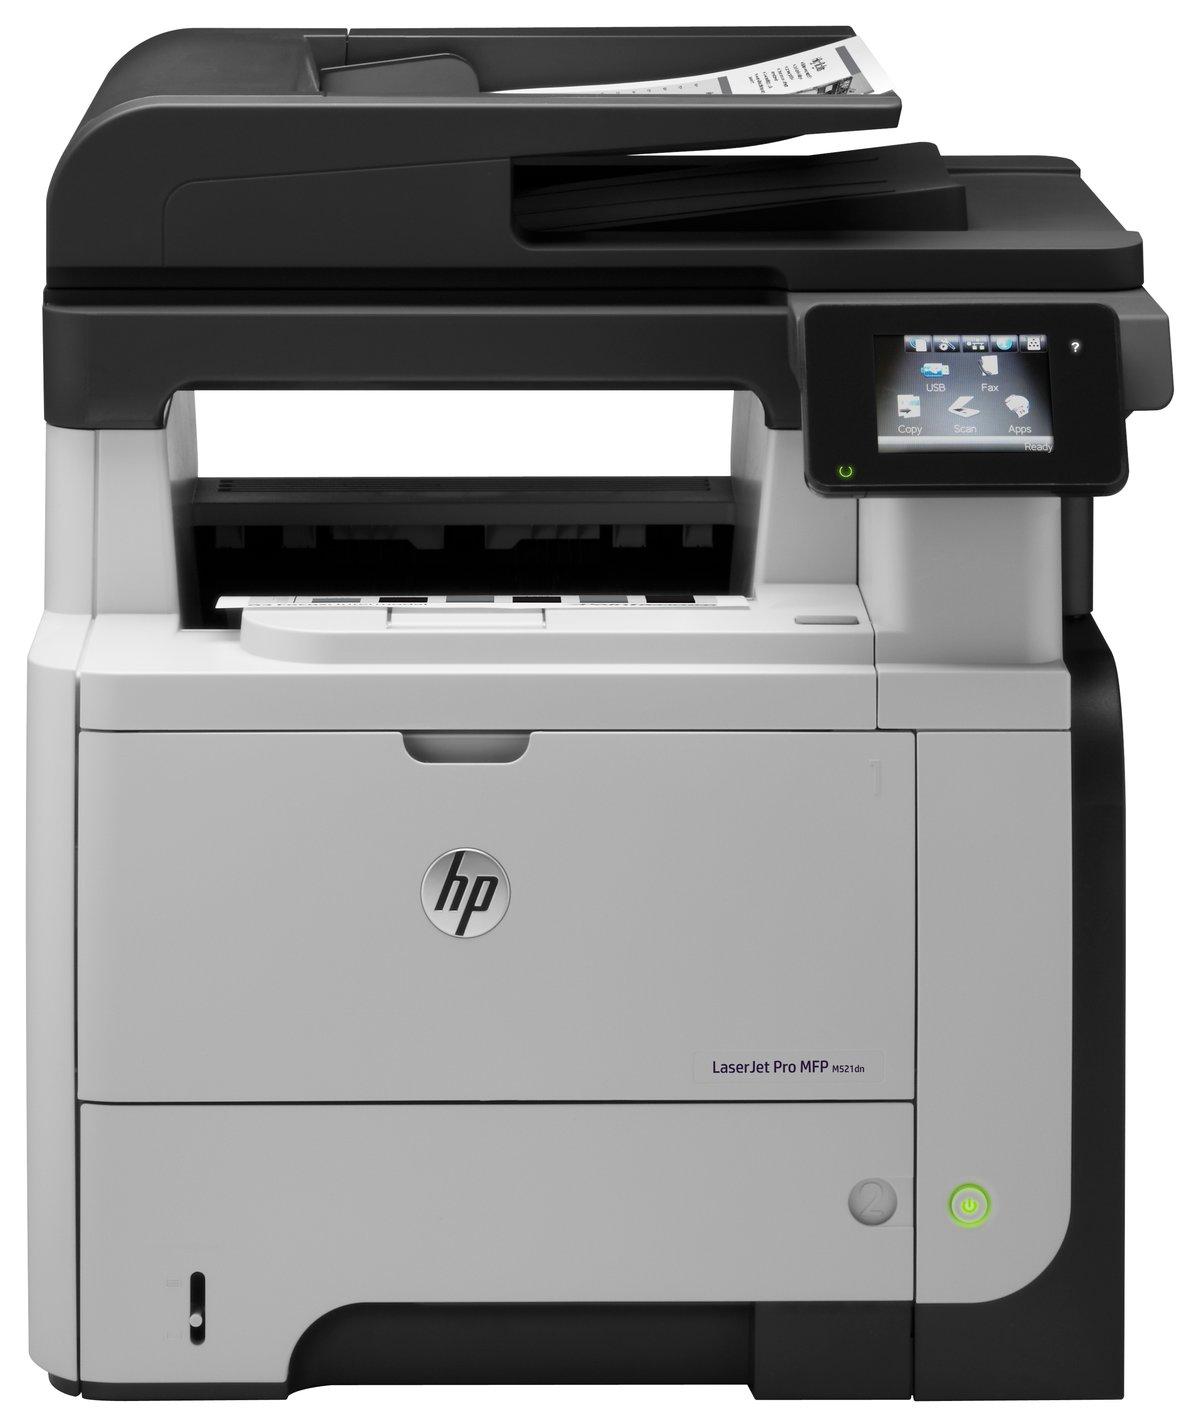 MULTIFUNCIONAL HP LASERJET PRO M521dn  B/N 42PPM - (A8P79A#AKV)